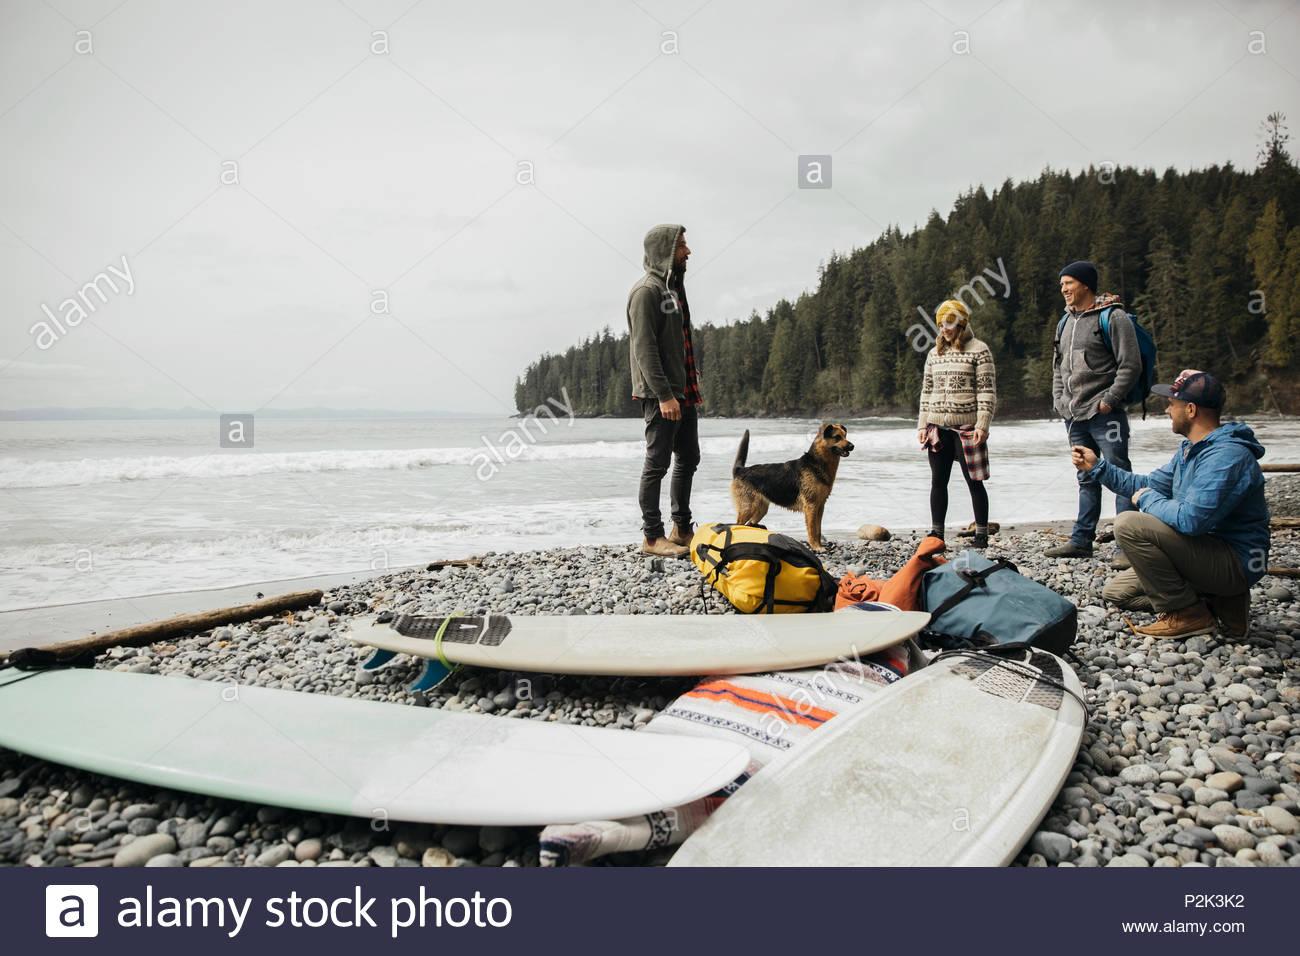 Amigos con perro disfruta de una escapada de fin de semana navegando junto a las tablas de surf en playa resistente Imagen De Stock